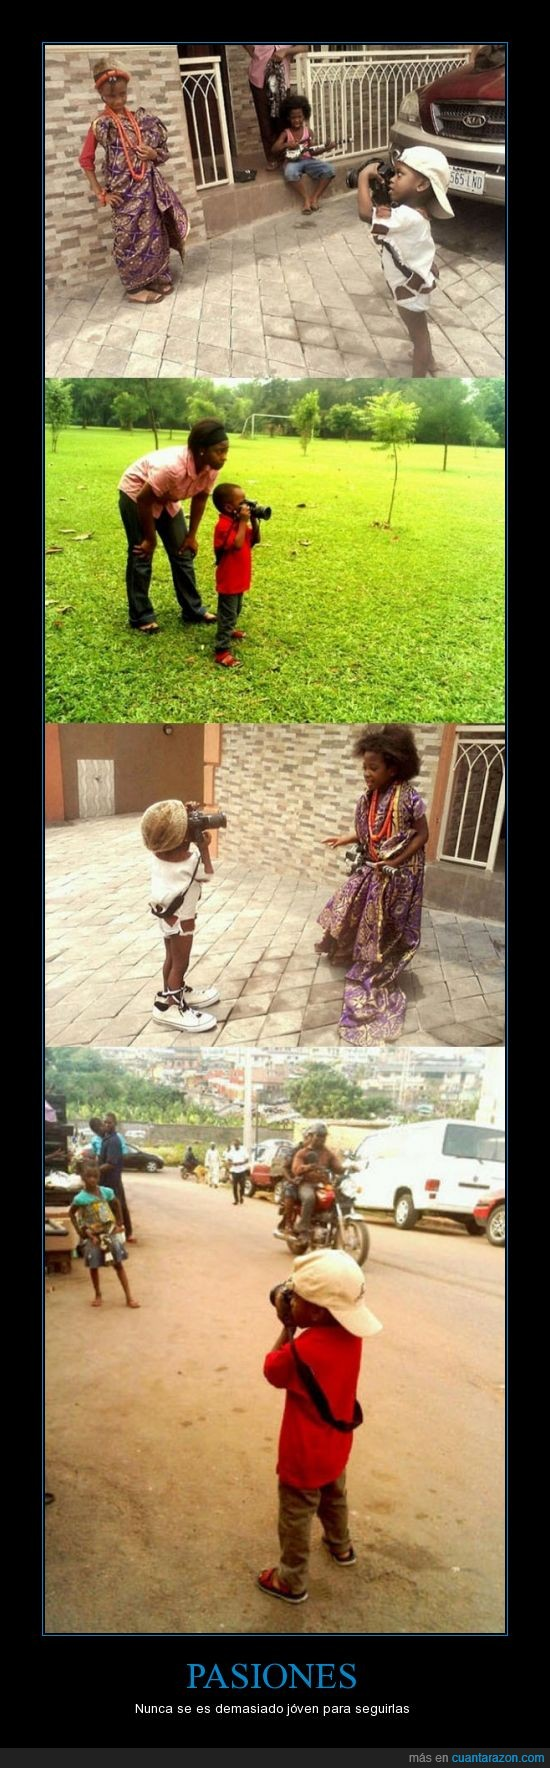 3 años,fotografía,niño,pasión,pequeño